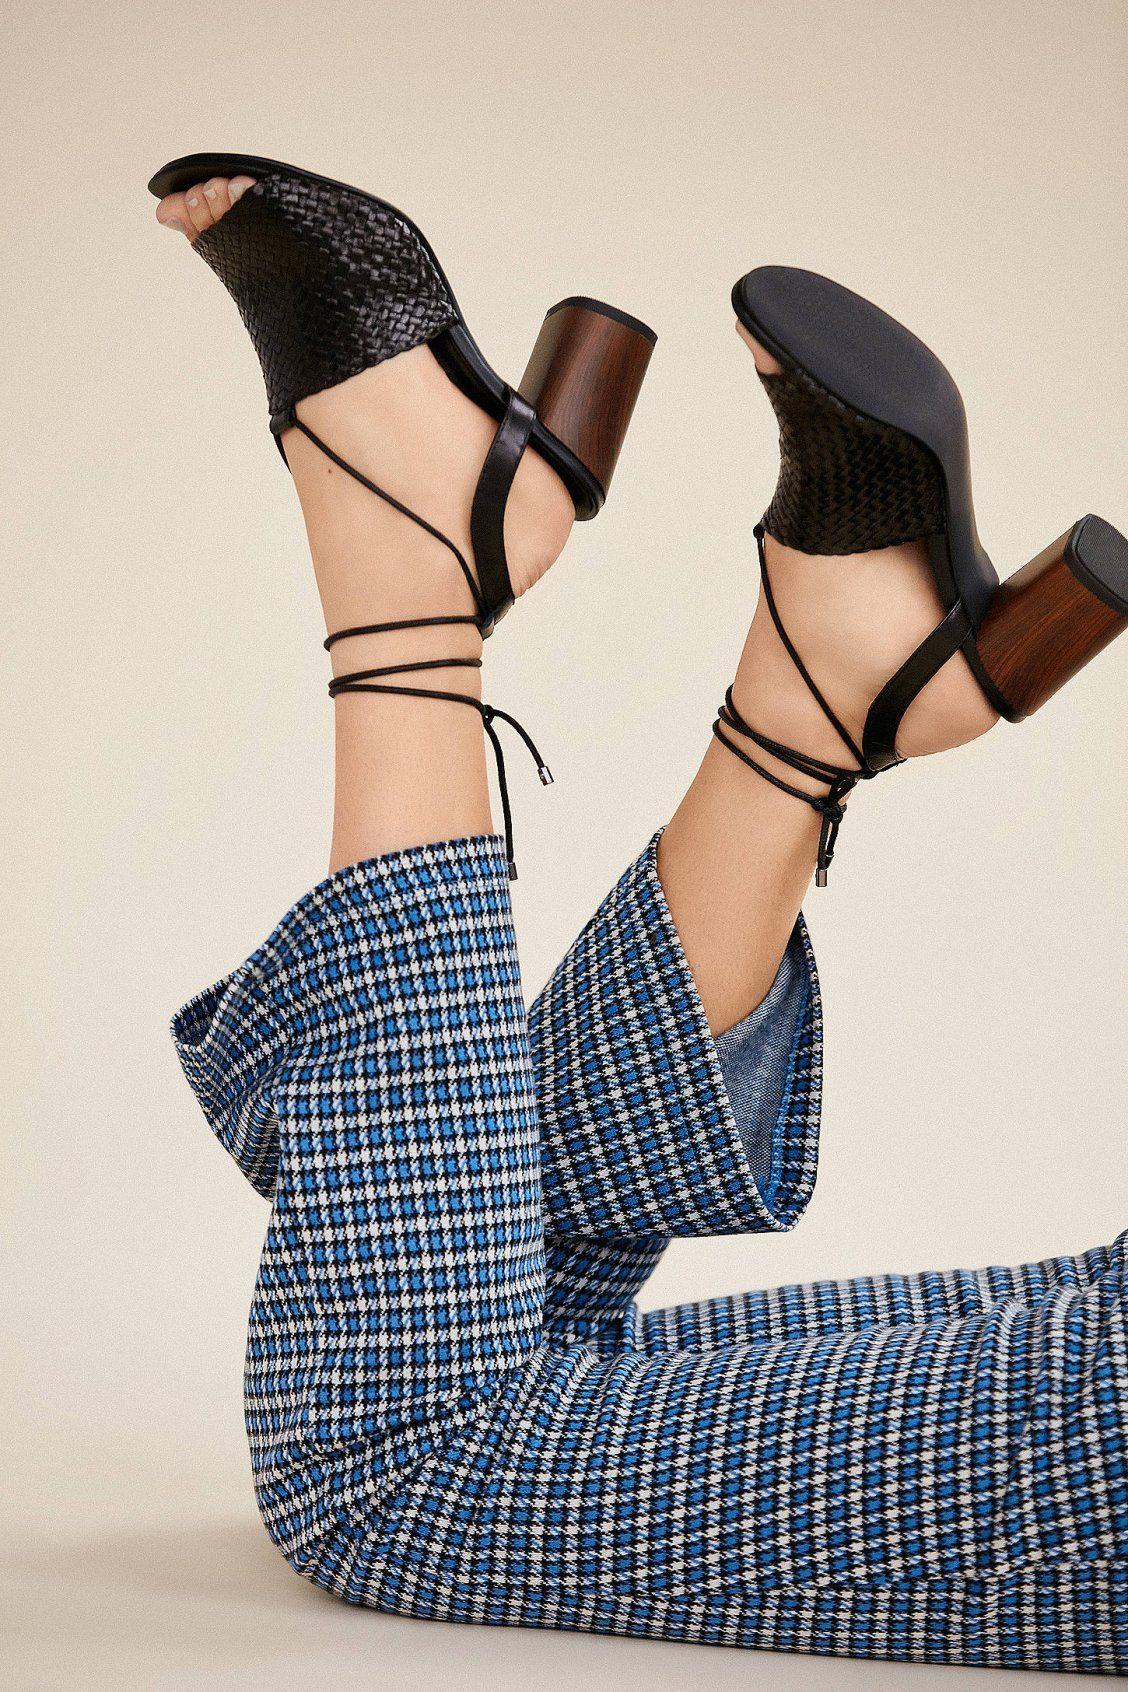 Vagabond Shoemakers Carol Woven Sandal | Coup de pied